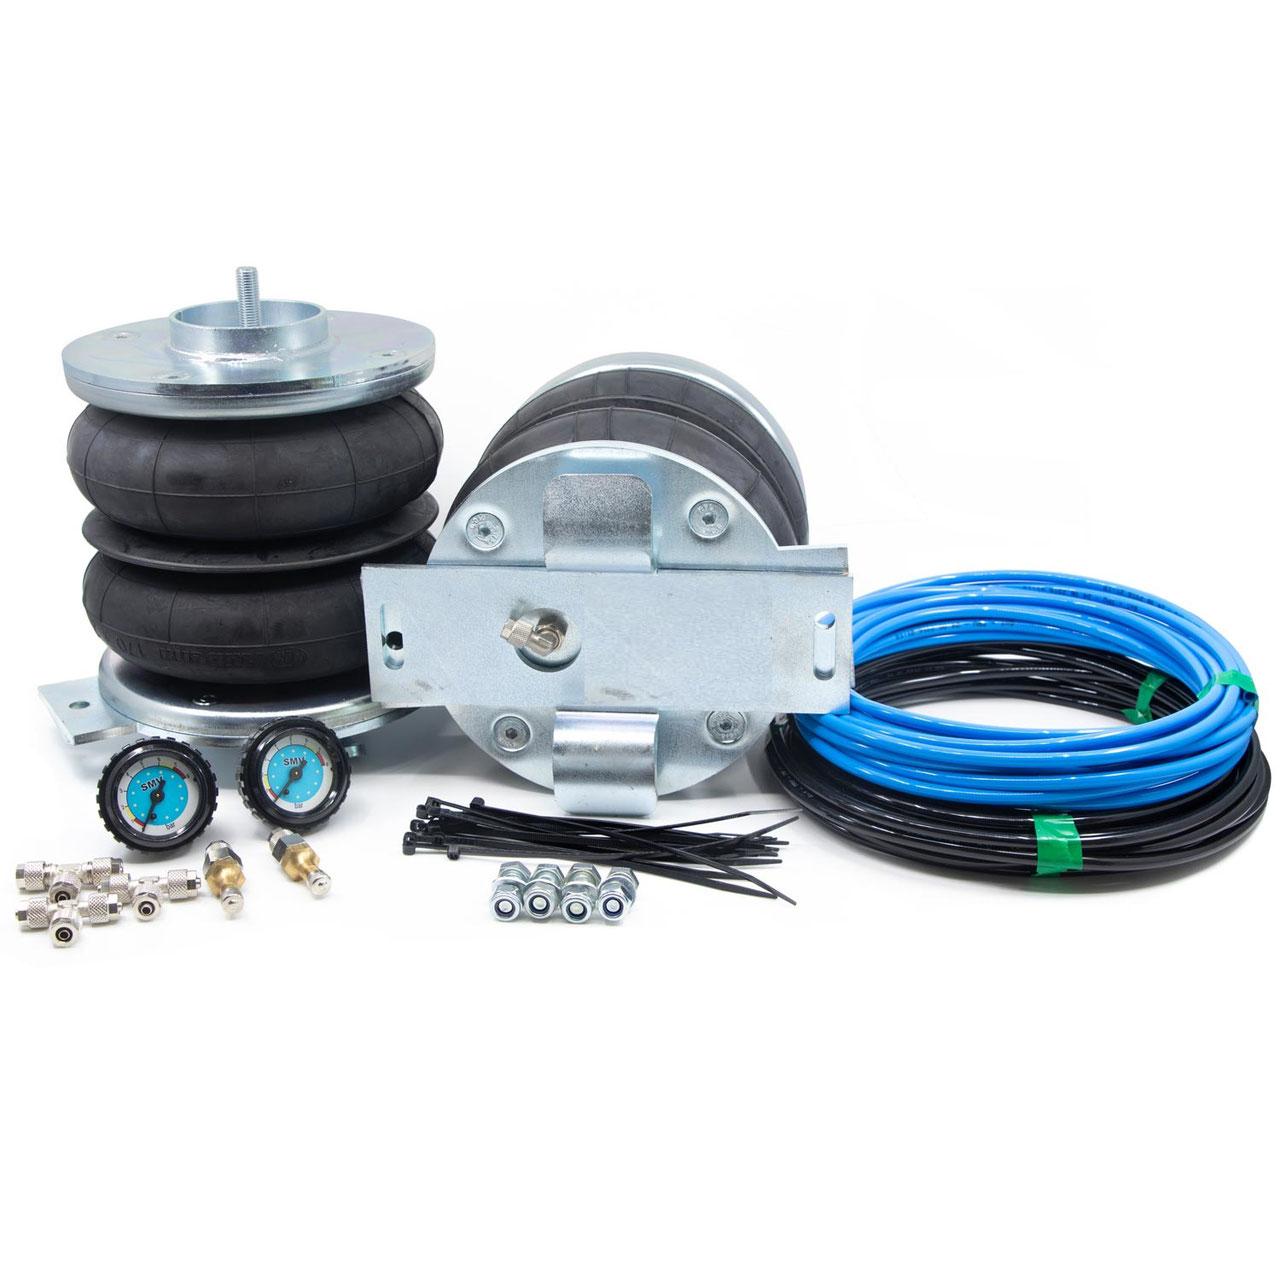 Renfort pneumatique Z6 pour la stabilité et la sécurité de votre camping-car, caravane ou fourgon.